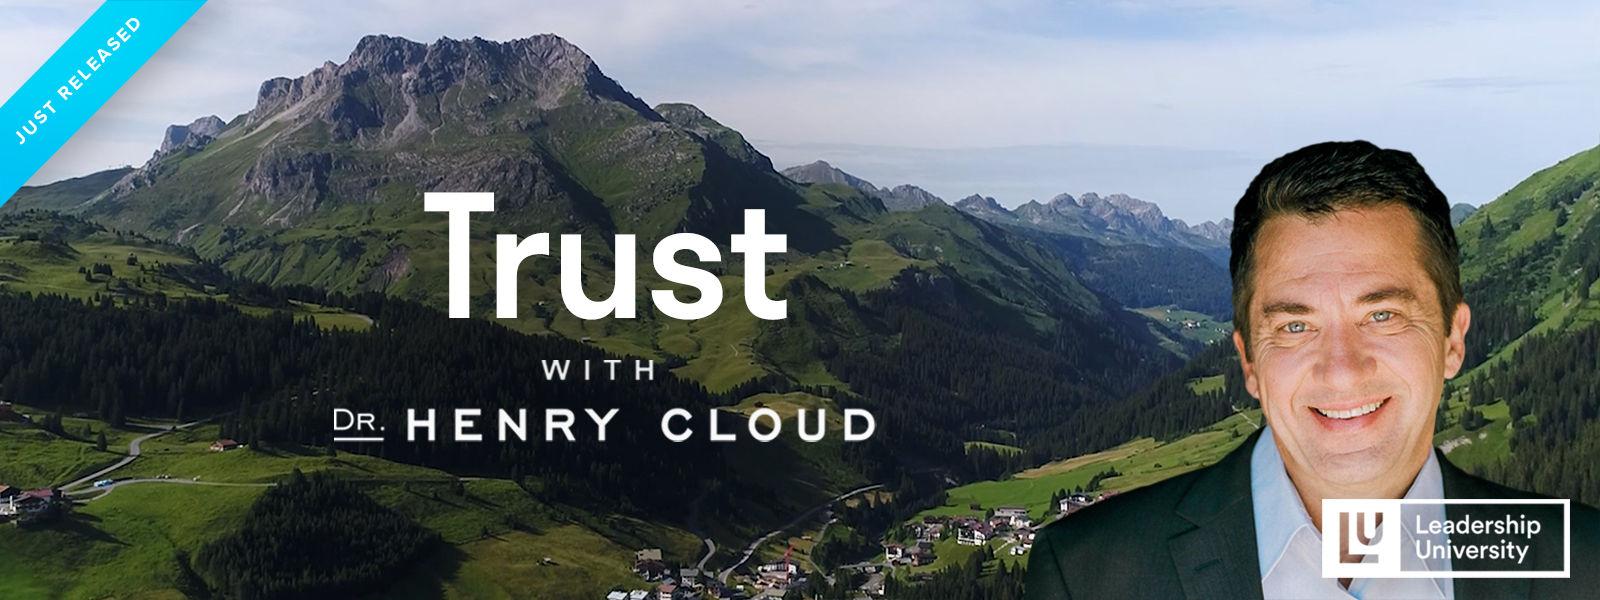 Trust: Leadership University